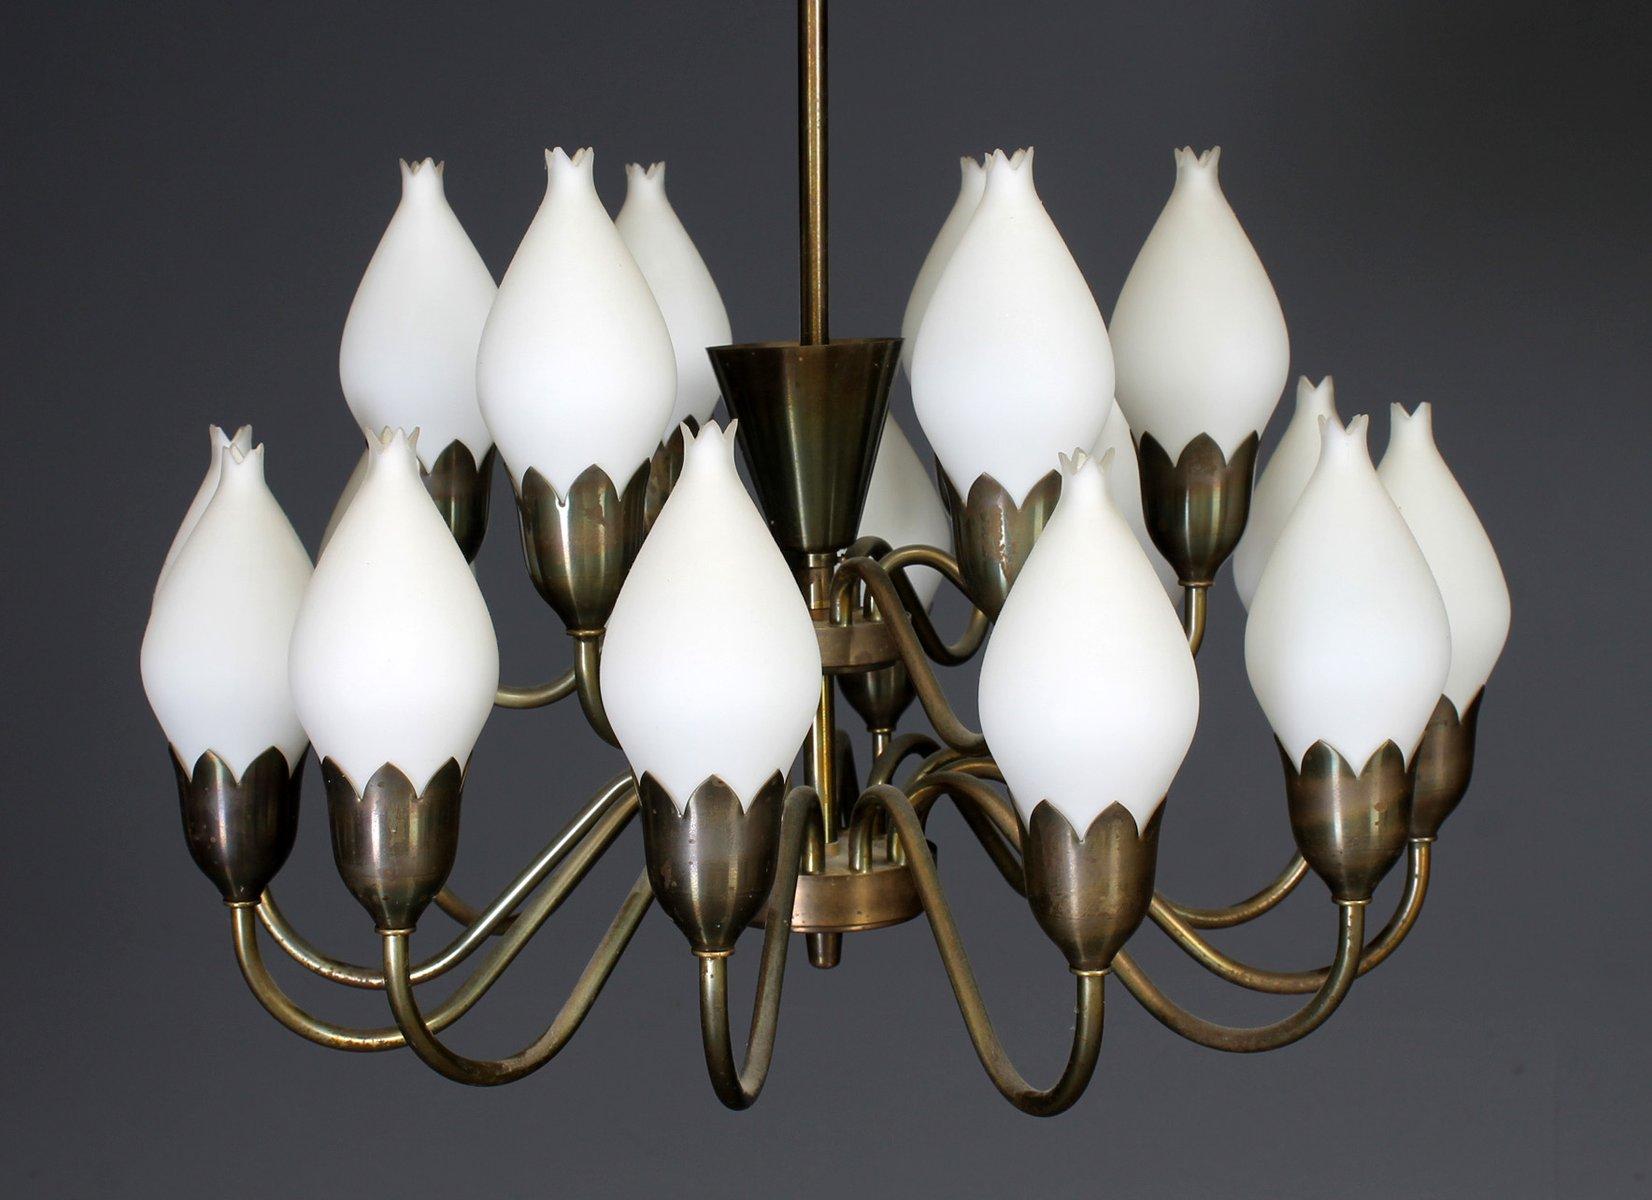 Großer Kronleuchter mit Glas Lampenschirmen von Fog & Mørup, 1960er